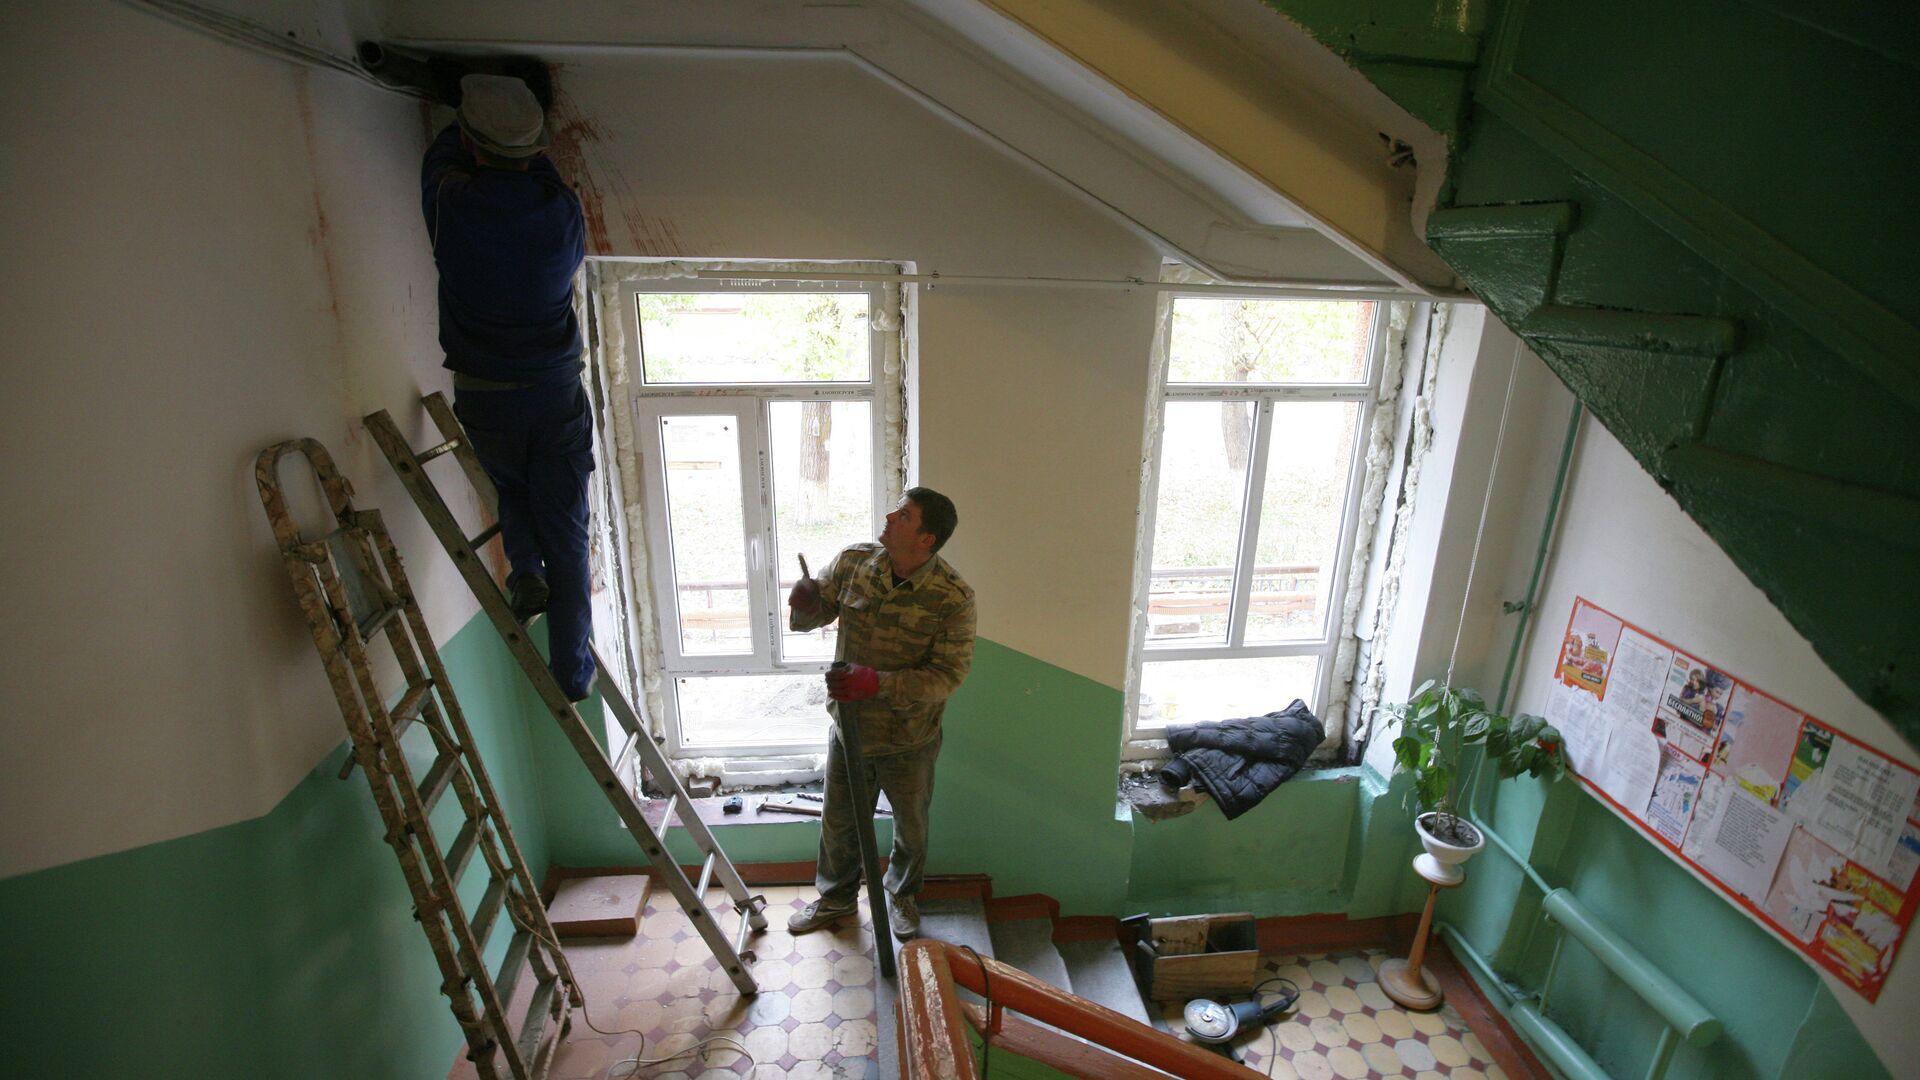 Работа коммунальных служб - РИА Новости, 1920, 11.01.2021